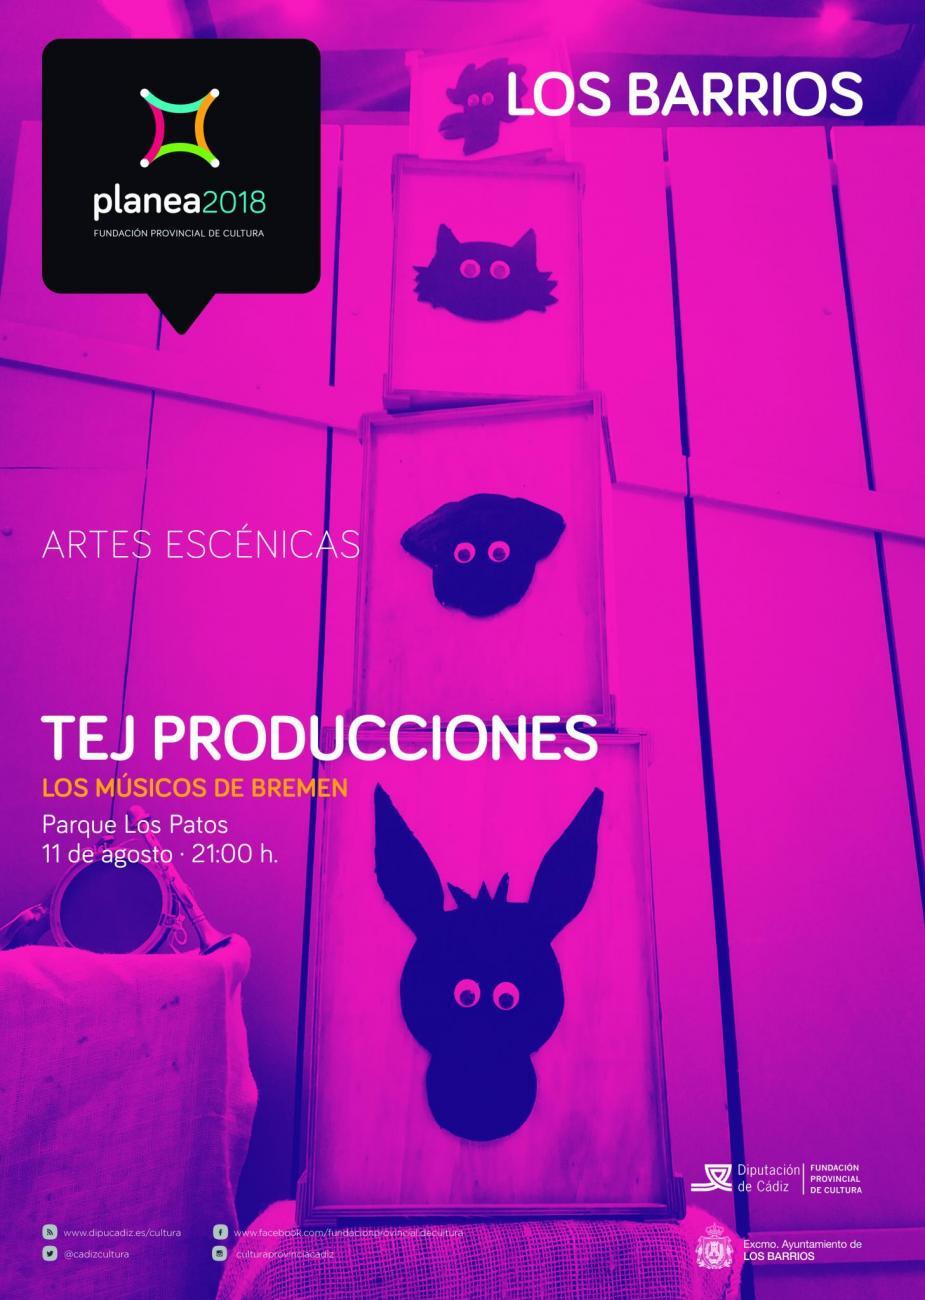 Tej Producciones nos trae «Los músicos de Bremen» el próximo 11 de agosto.